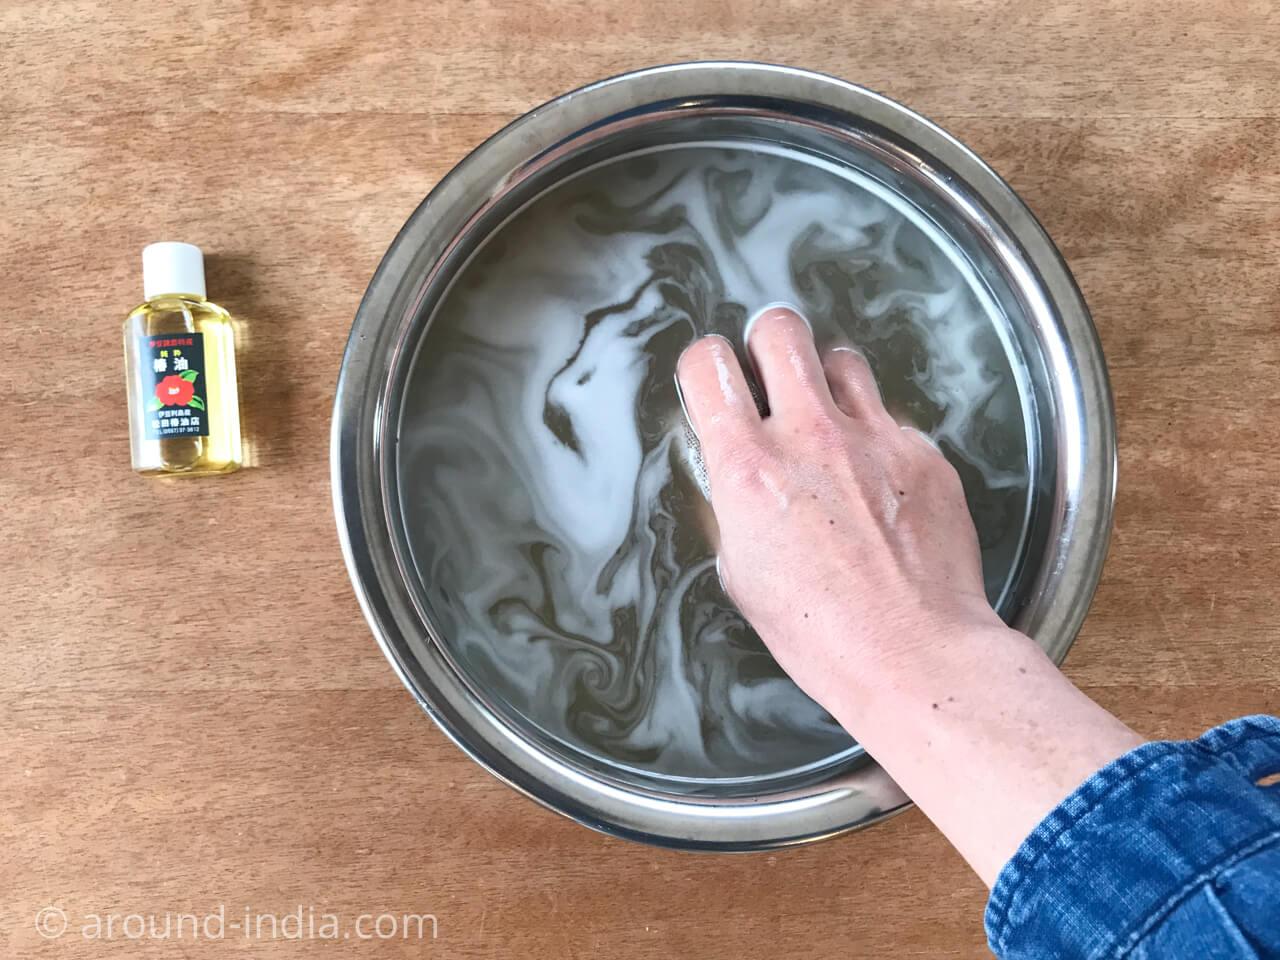 髪洗い粉(椿油カス)を湯の中で揉みます